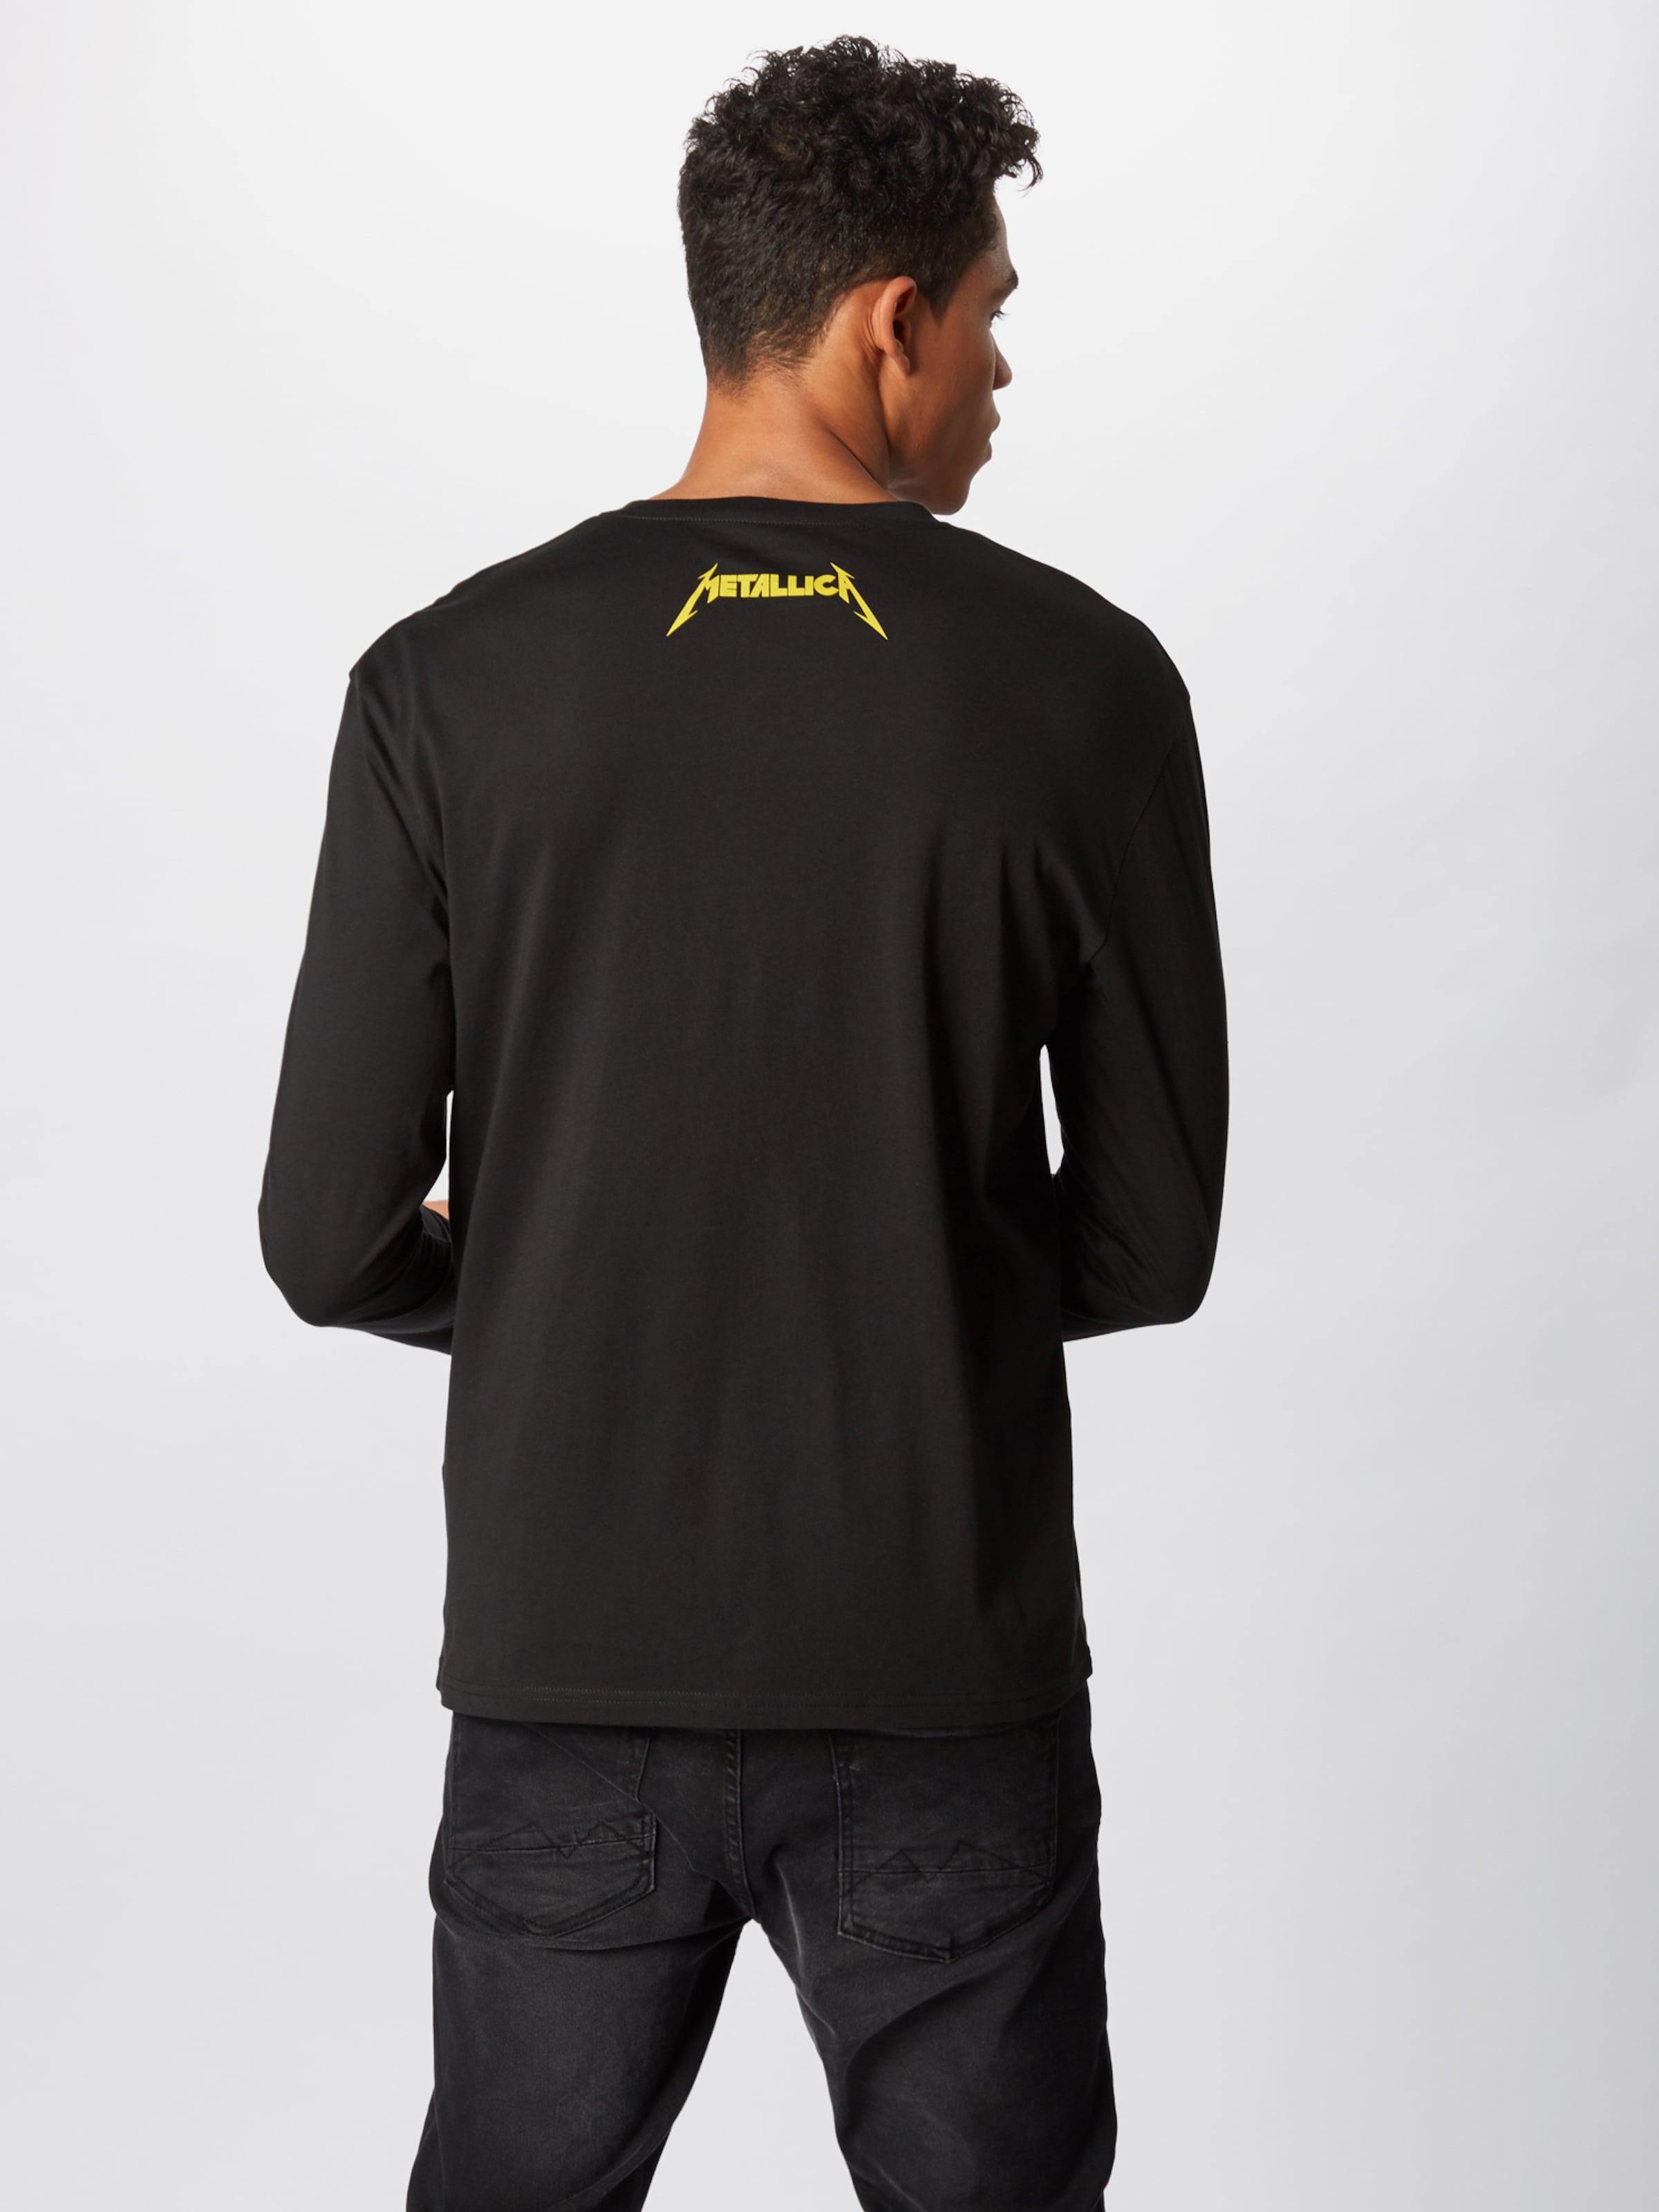 Jones In 'ormetallica' Jackamp; Shirt GelbGrau Schwarz ZiPuOwkXT